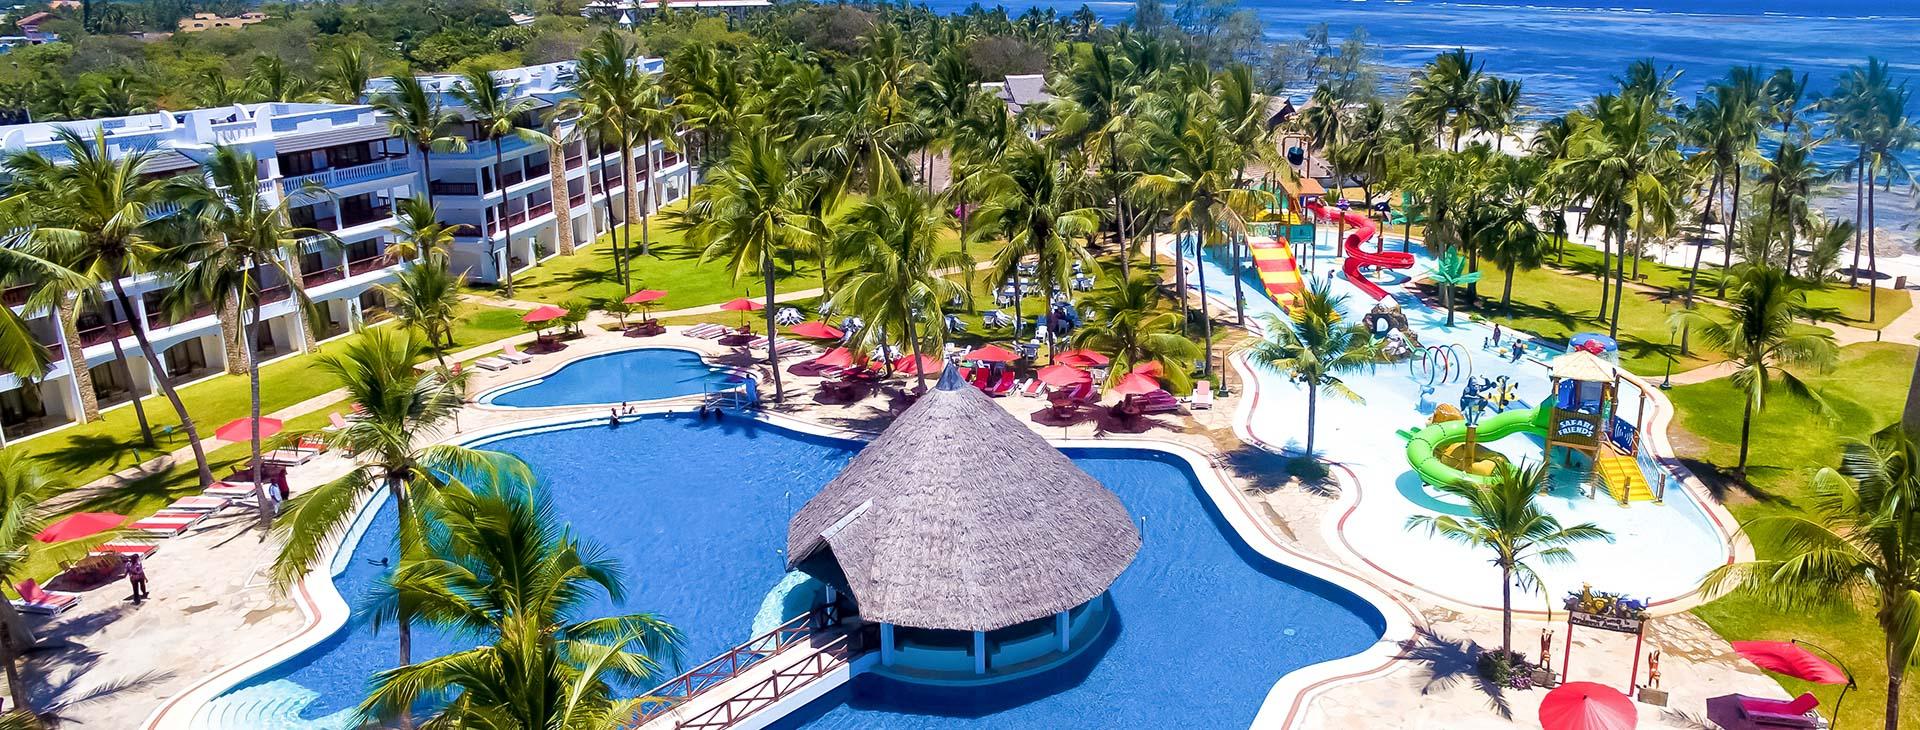 PrideInn Paradise Beach Resort Kenia Wybrzeże Mombasy